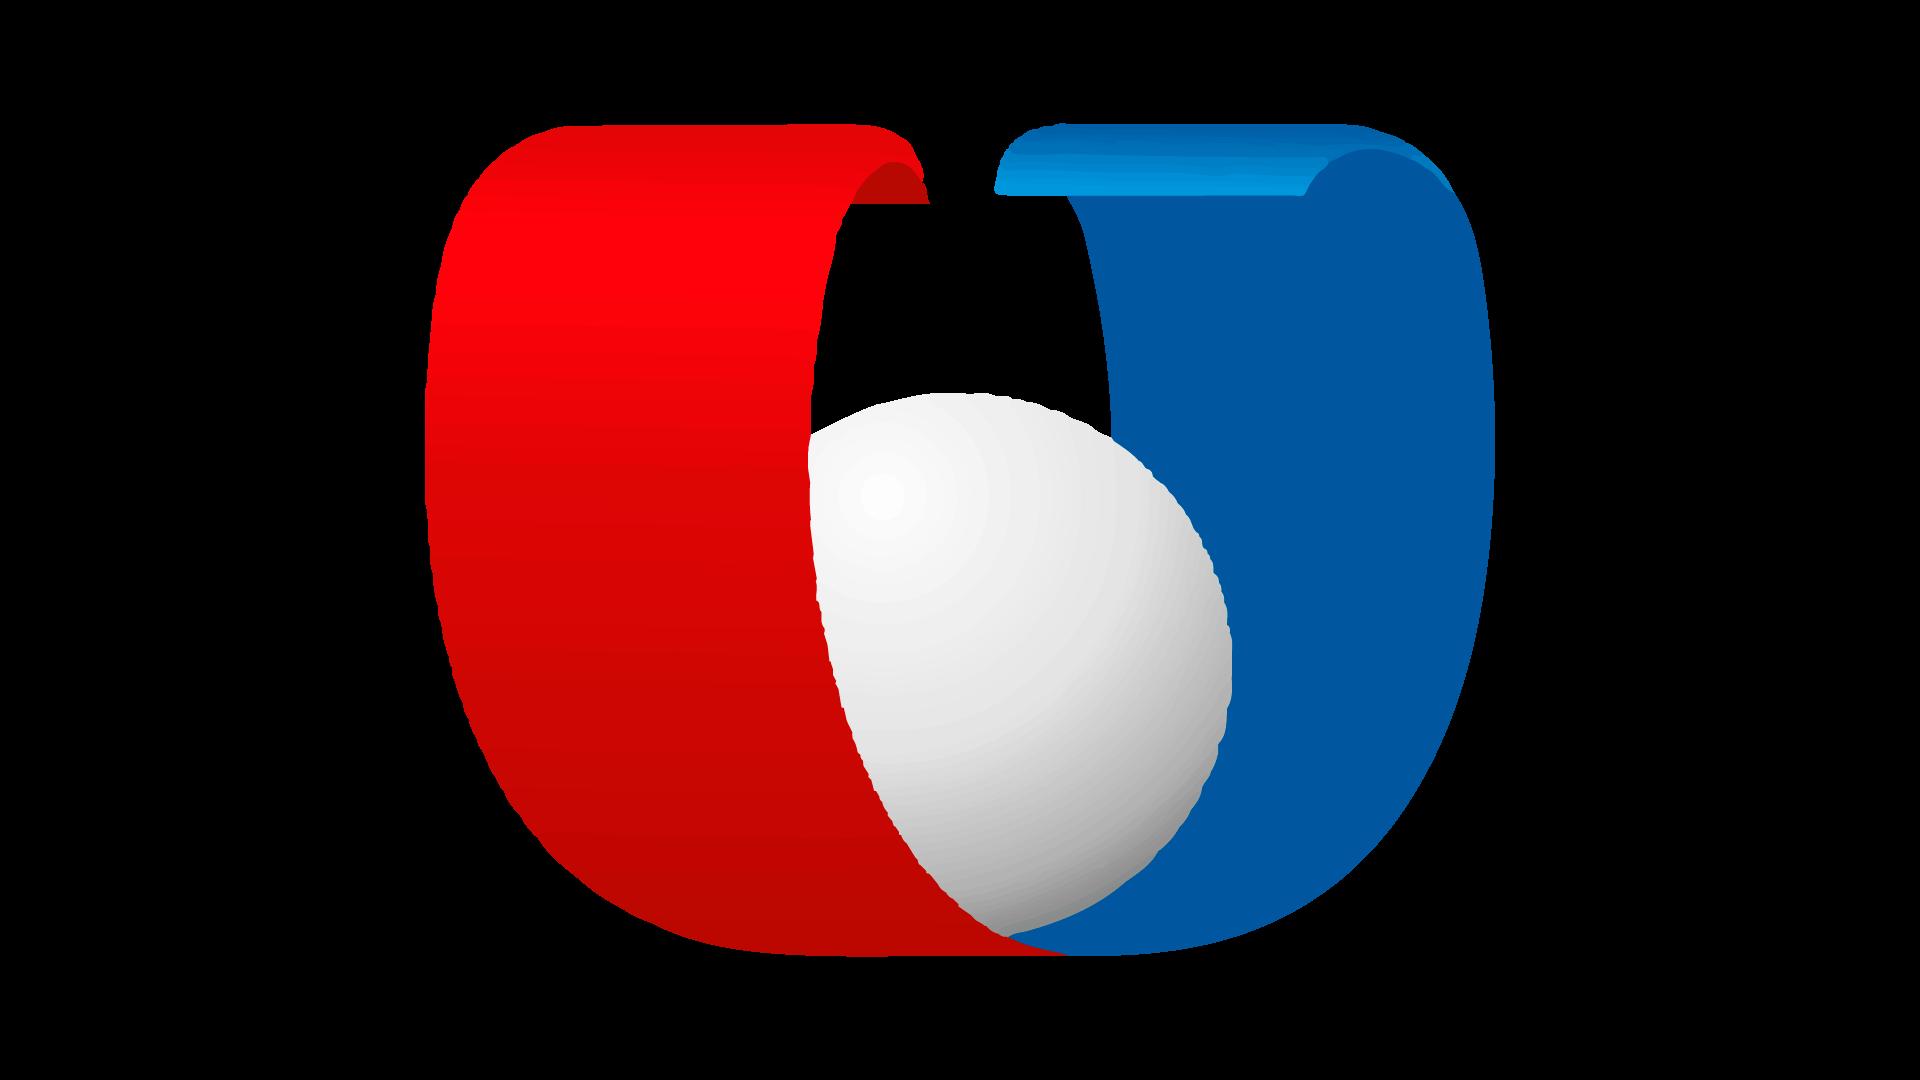 Unicanal En Vivo Online Teleame Directos Tv